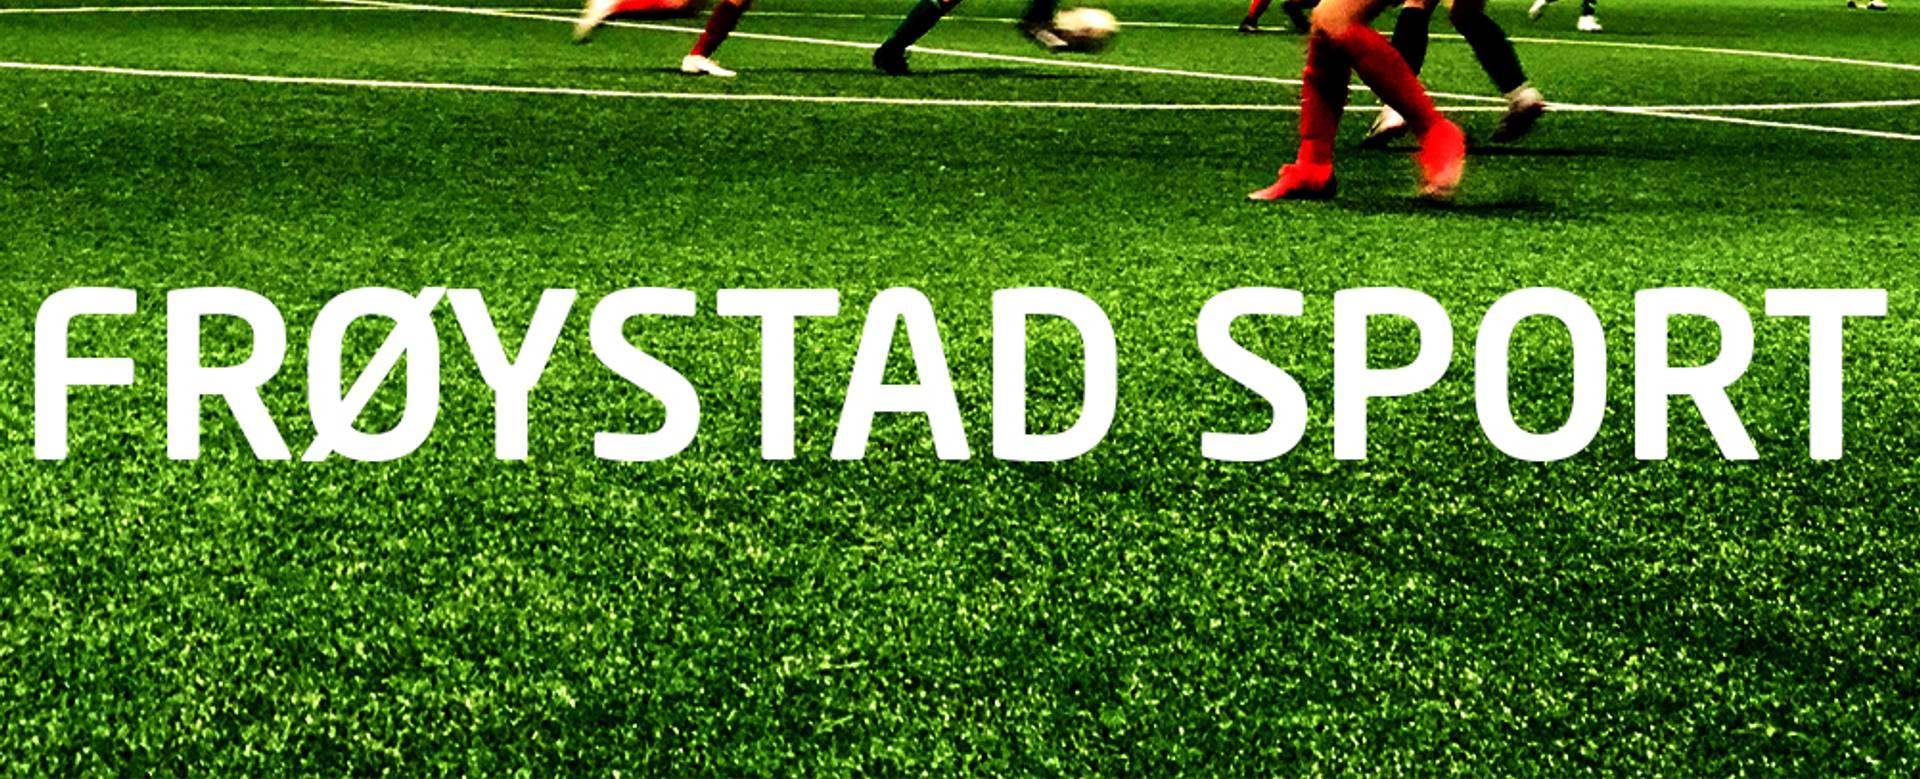 sport fotball football handball training trainer football partner training partner